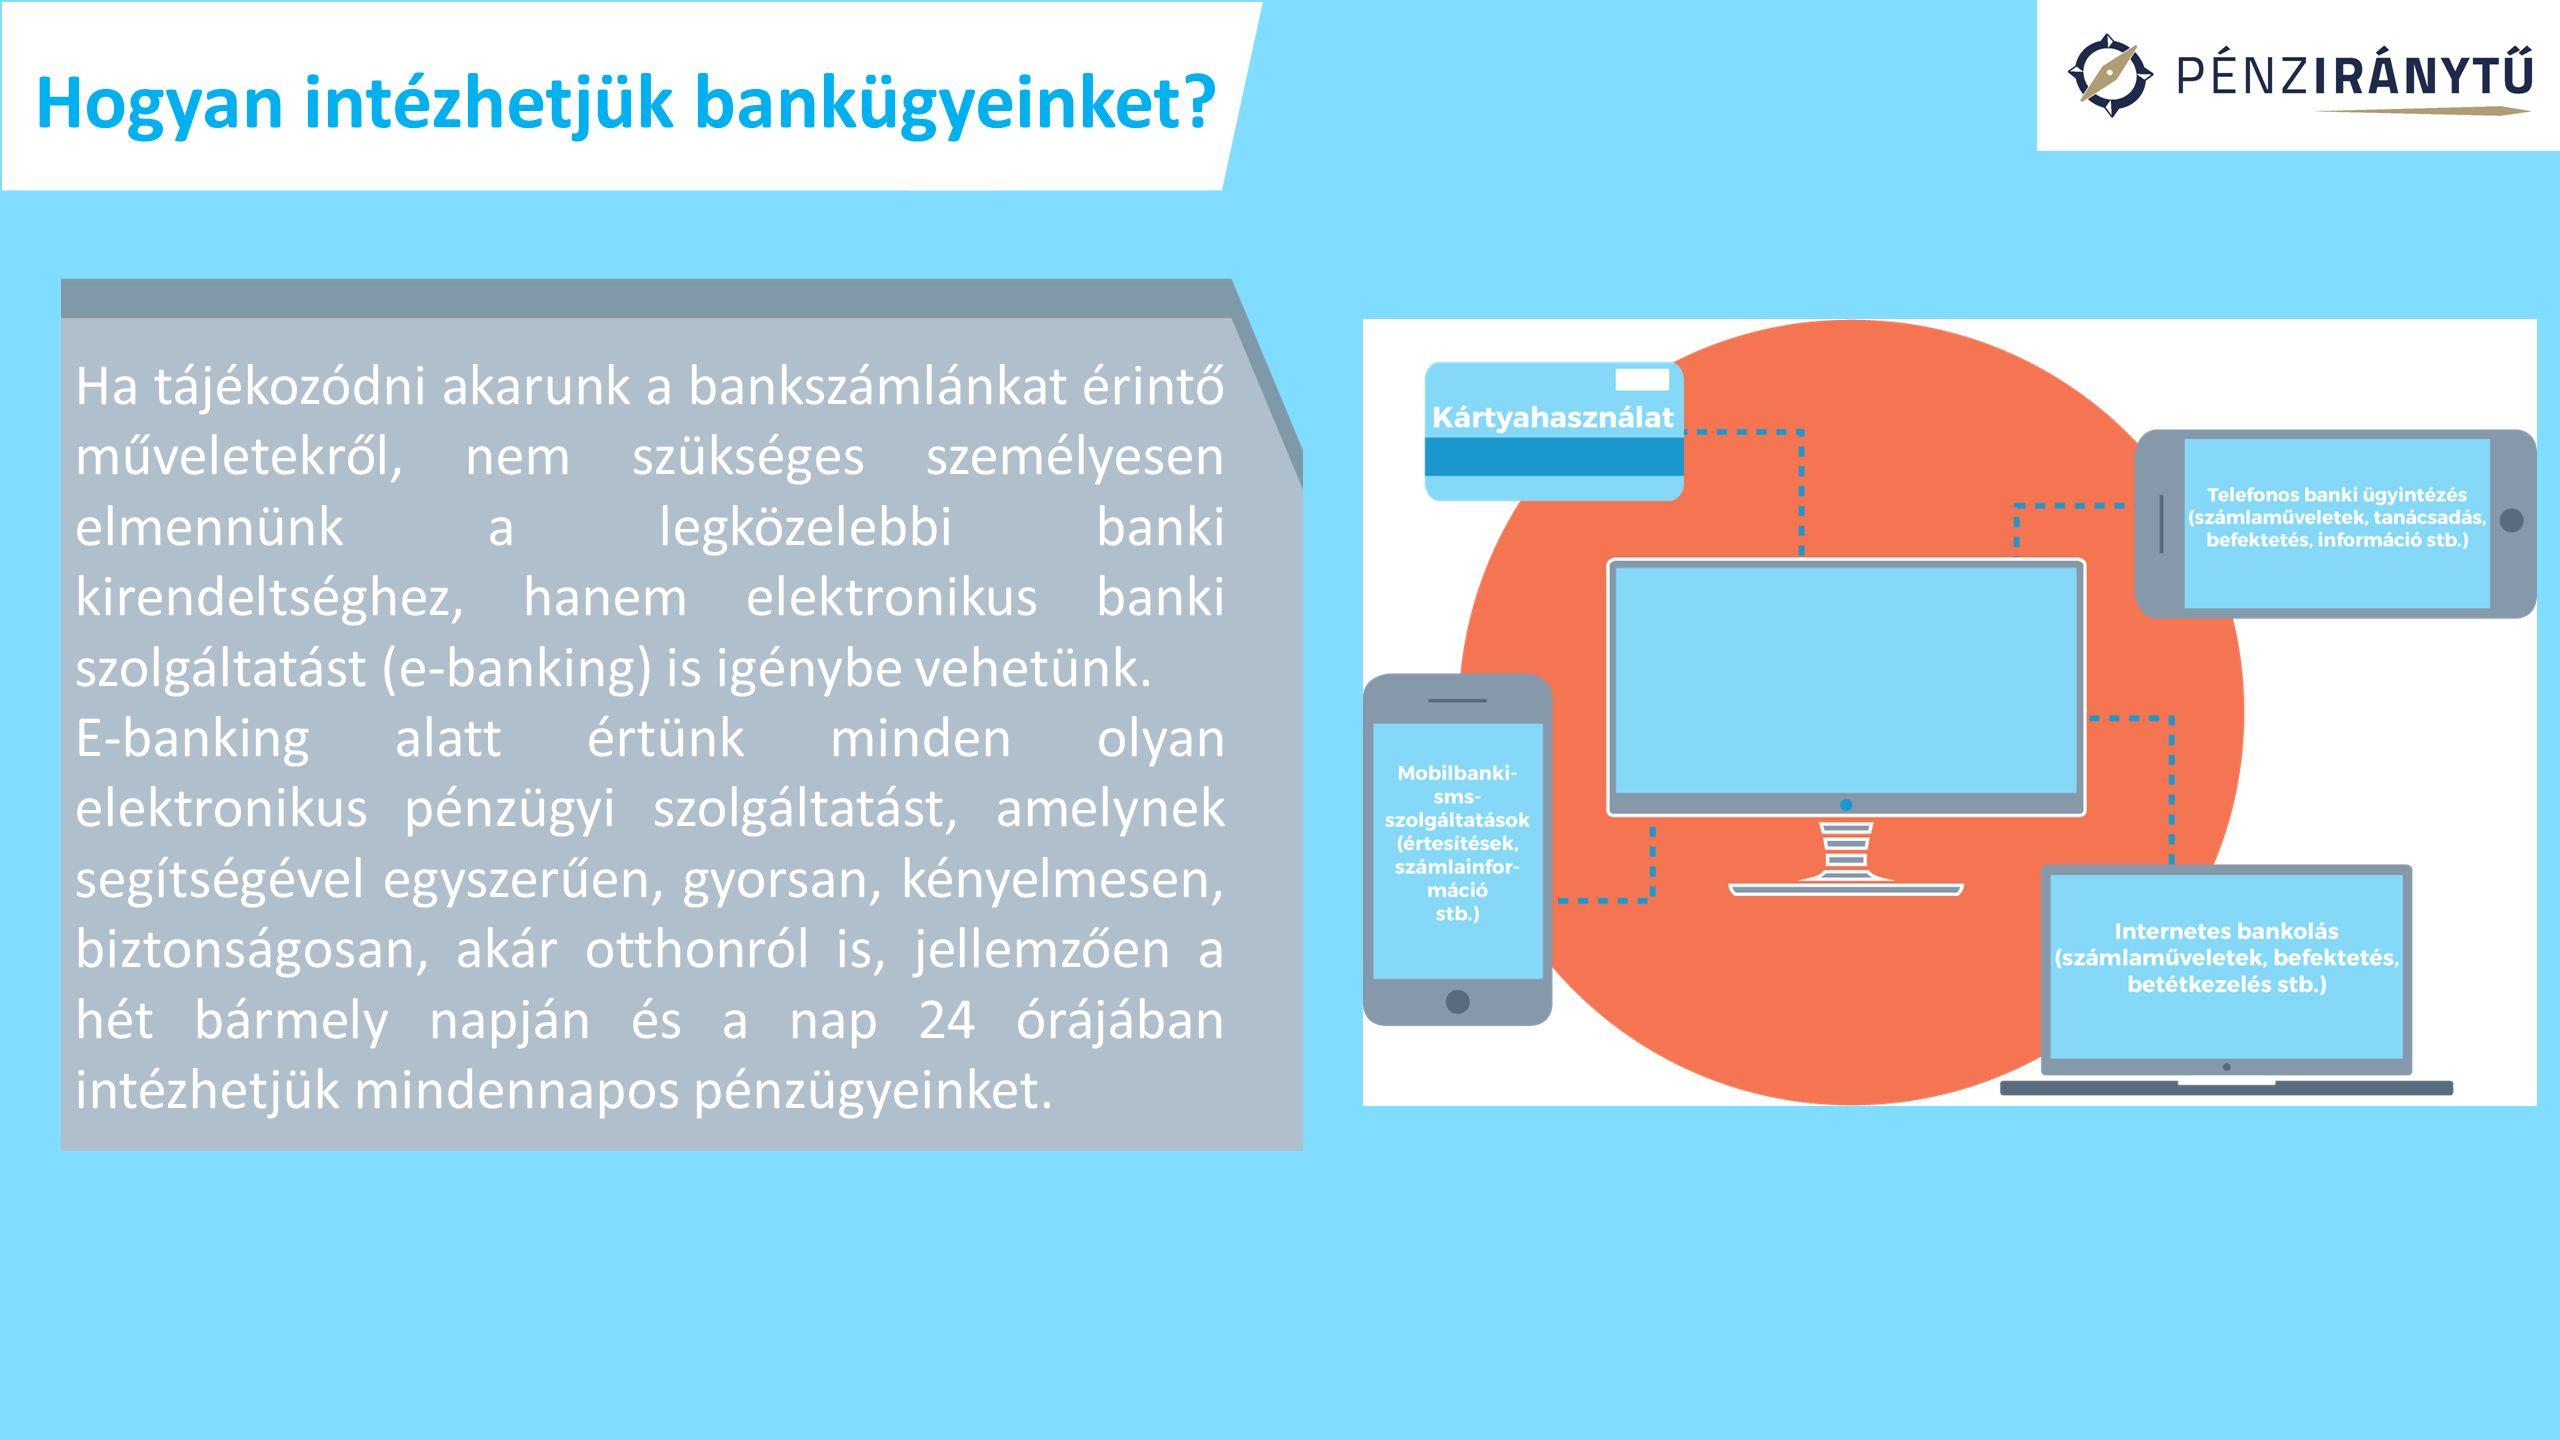 Ha tájékozódni akarunk a bankszámlánkat érintő műveletekről, nem szükséges személyesen elmennünk a legközelebbi banki kirendeltséghez, hanem elektronikus banki szolgáltatást (e-banking) is igénybe vehetünk.